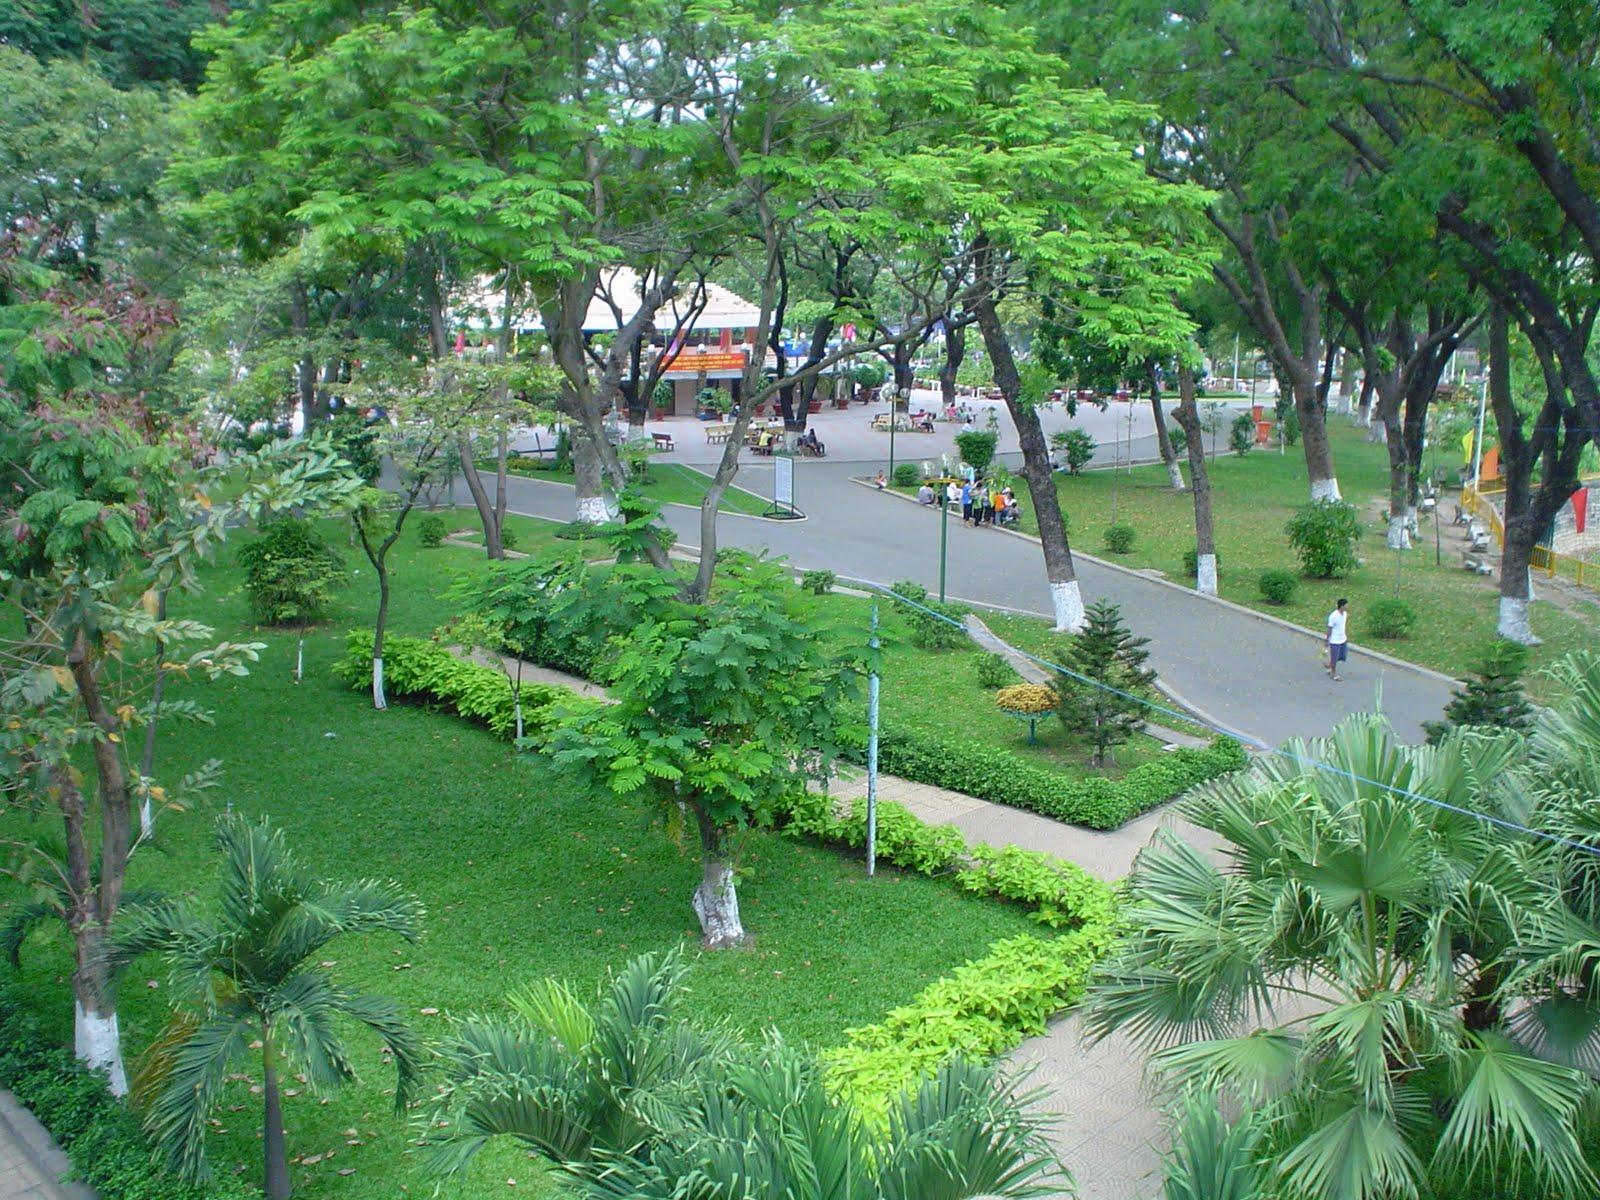 Công viên Phú Lâm quận Bình Tân gần dự án Moonlight Boulevard của Hưng Thịnh